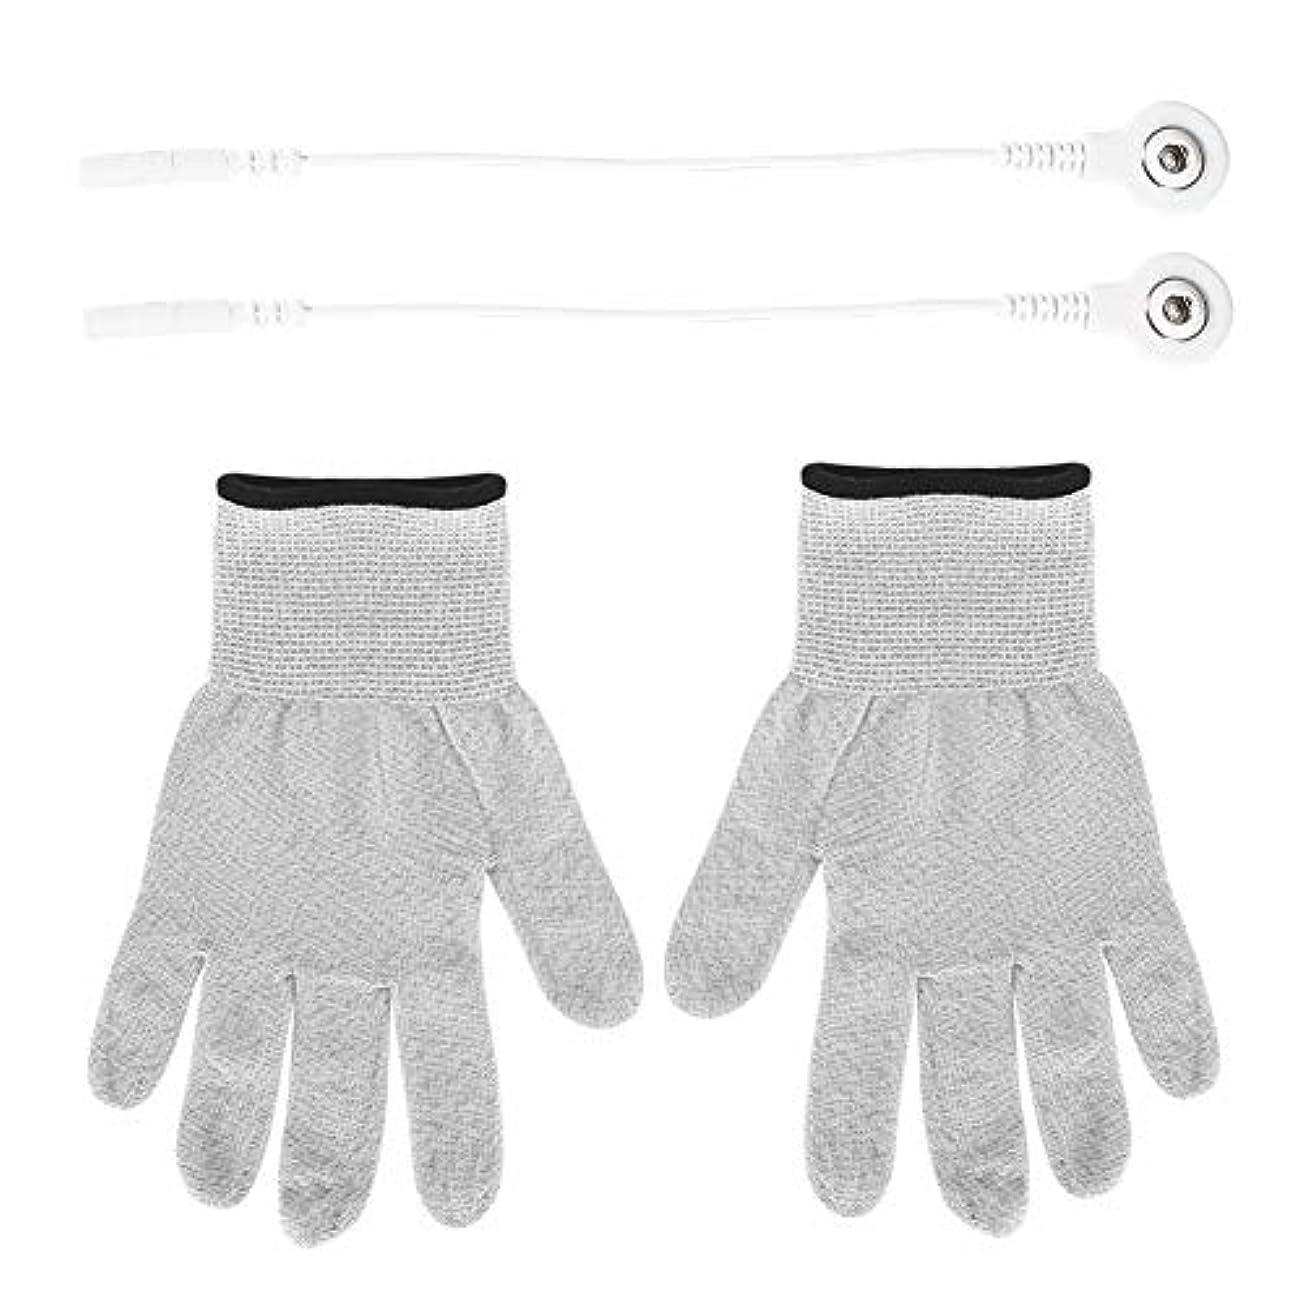 手綱素敵な適度な1組 電極 手袋繊維 電気衝撃療法 マッサージ 手袋電気衝撃繊維 脈拍療法 マッサージ 伝導性 手袋